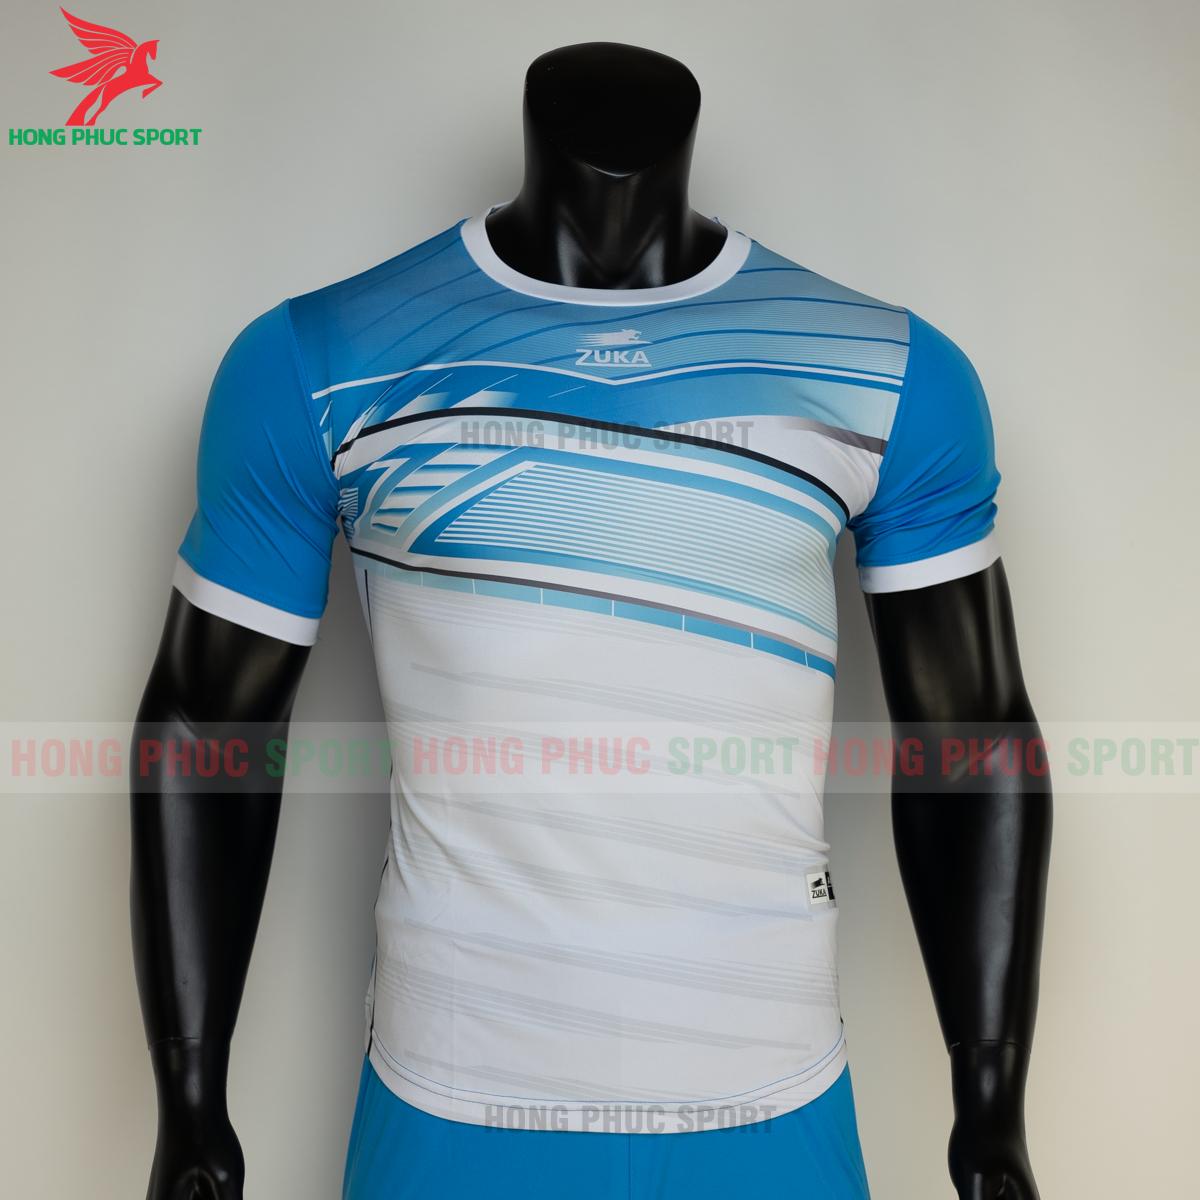 https://cdn.hongphucsport.com/unsafe/s4.shopbay.vn/files/285/ao-bong-da-khong-logo-zuka-01-mau-xanh-1-60502e70a8bca.png